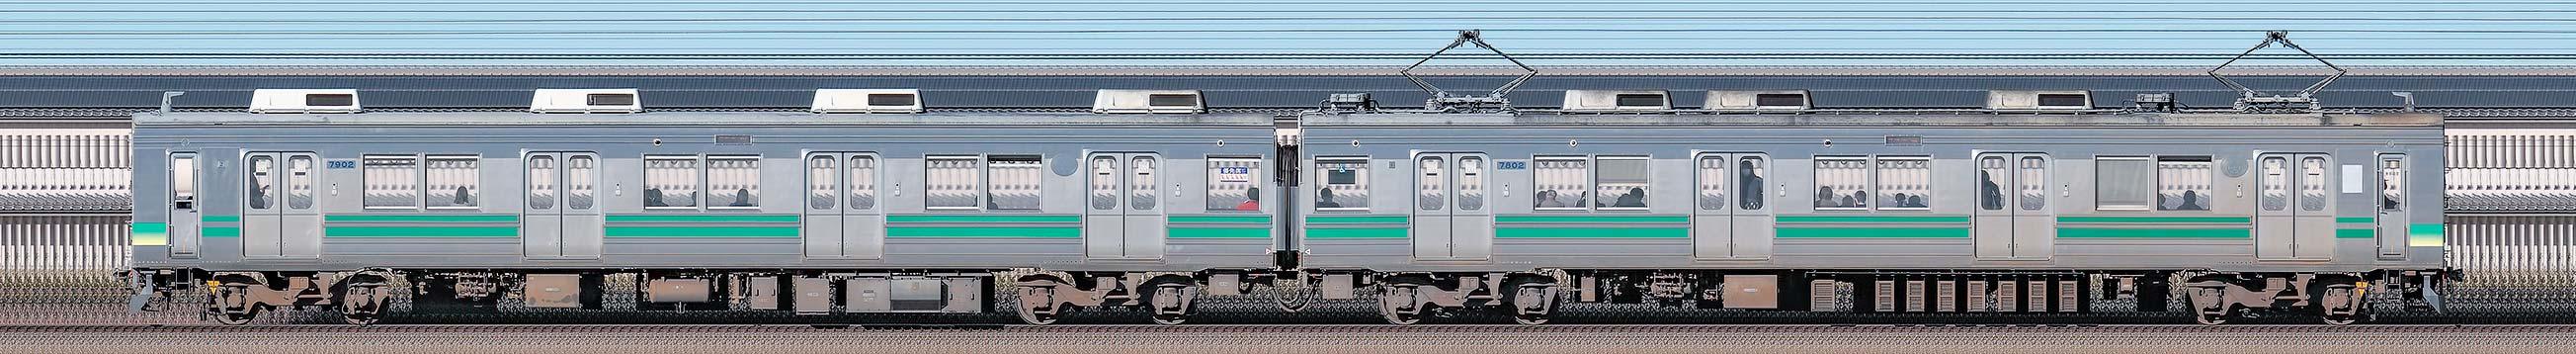 秩父鉄道7800系7802編成(南側)の編成サイドビュー